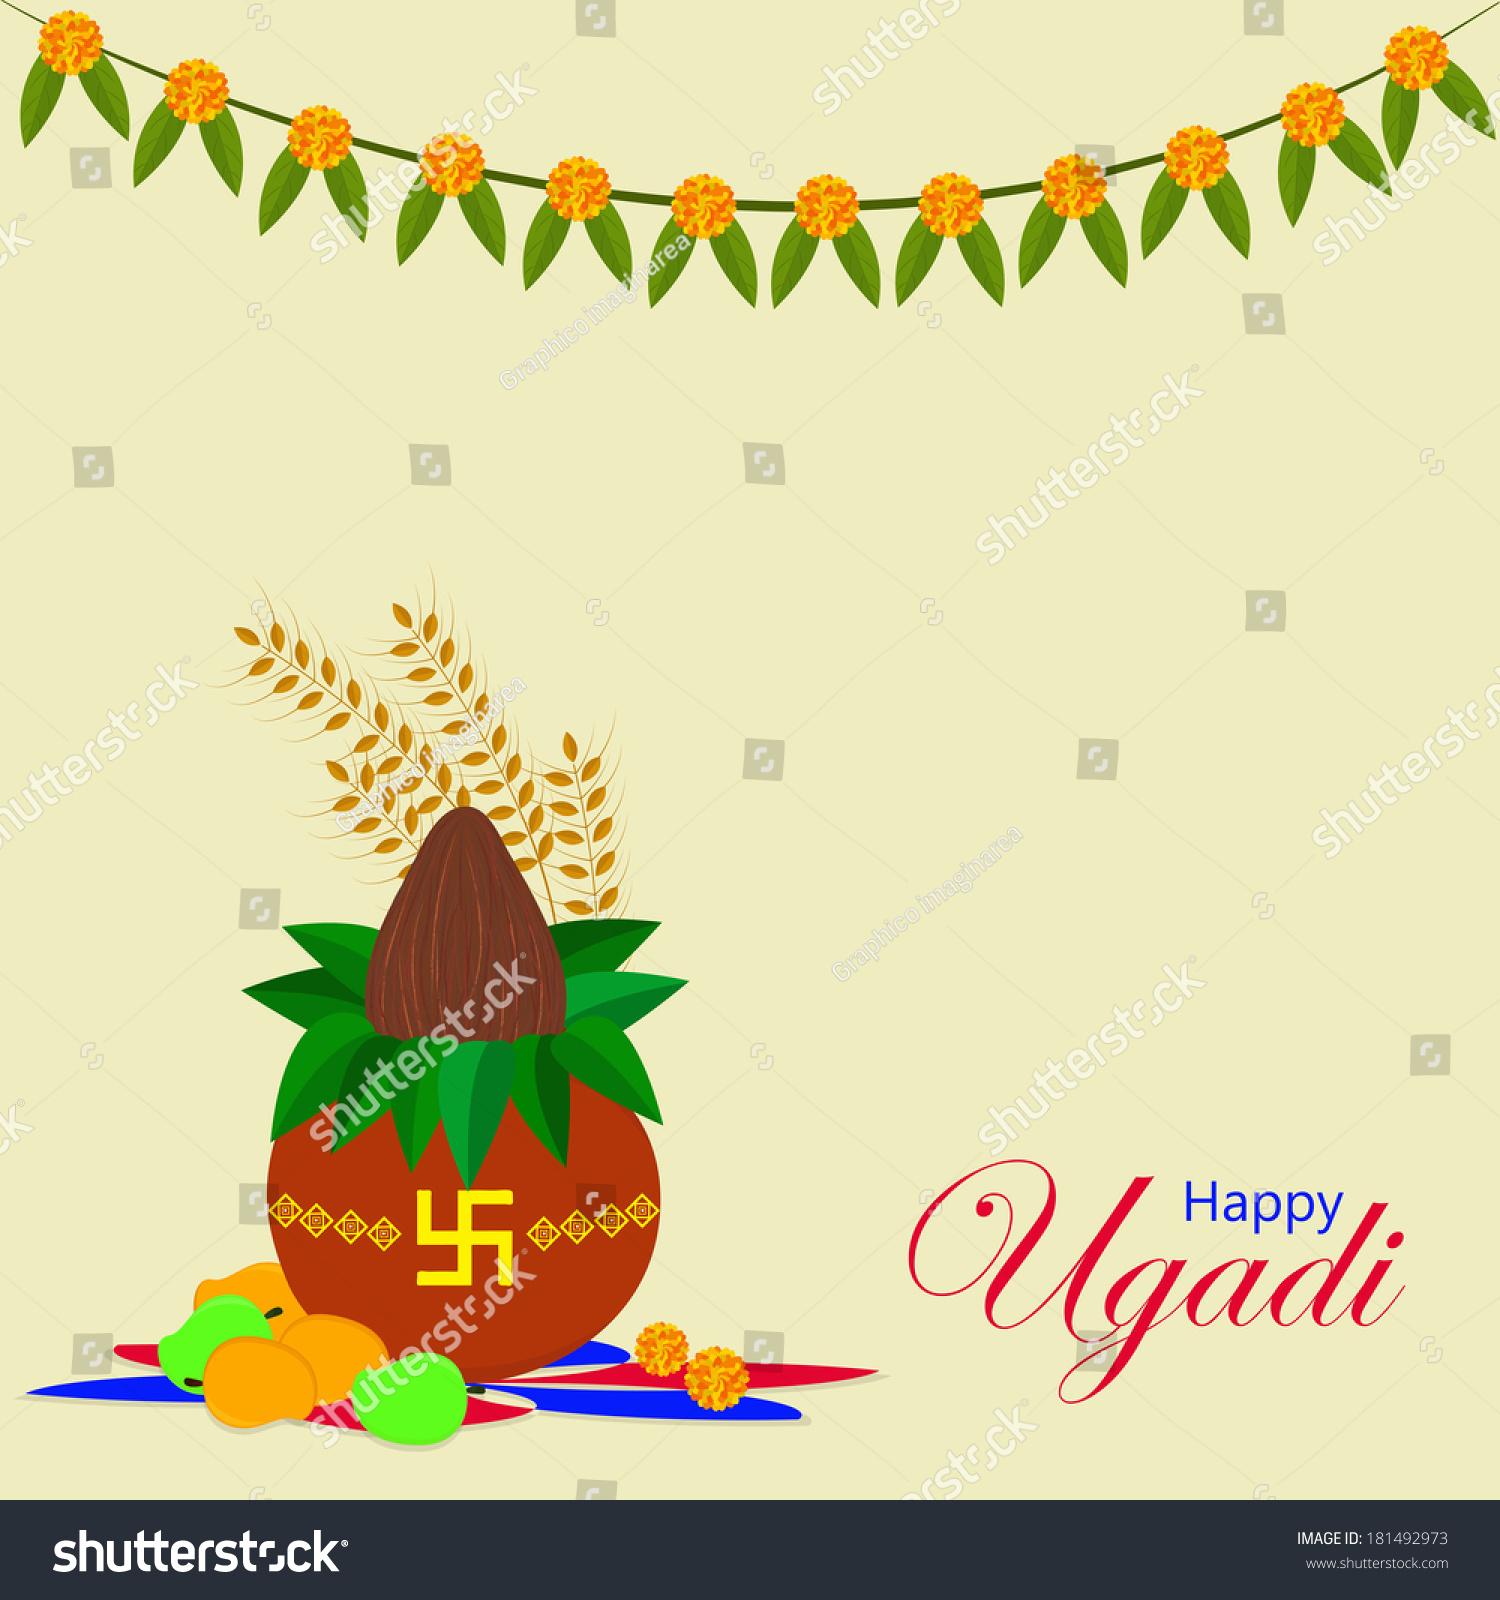 Ugadi Gudi Padwa New Years Day Stock Vector 181492973 Shutterstock